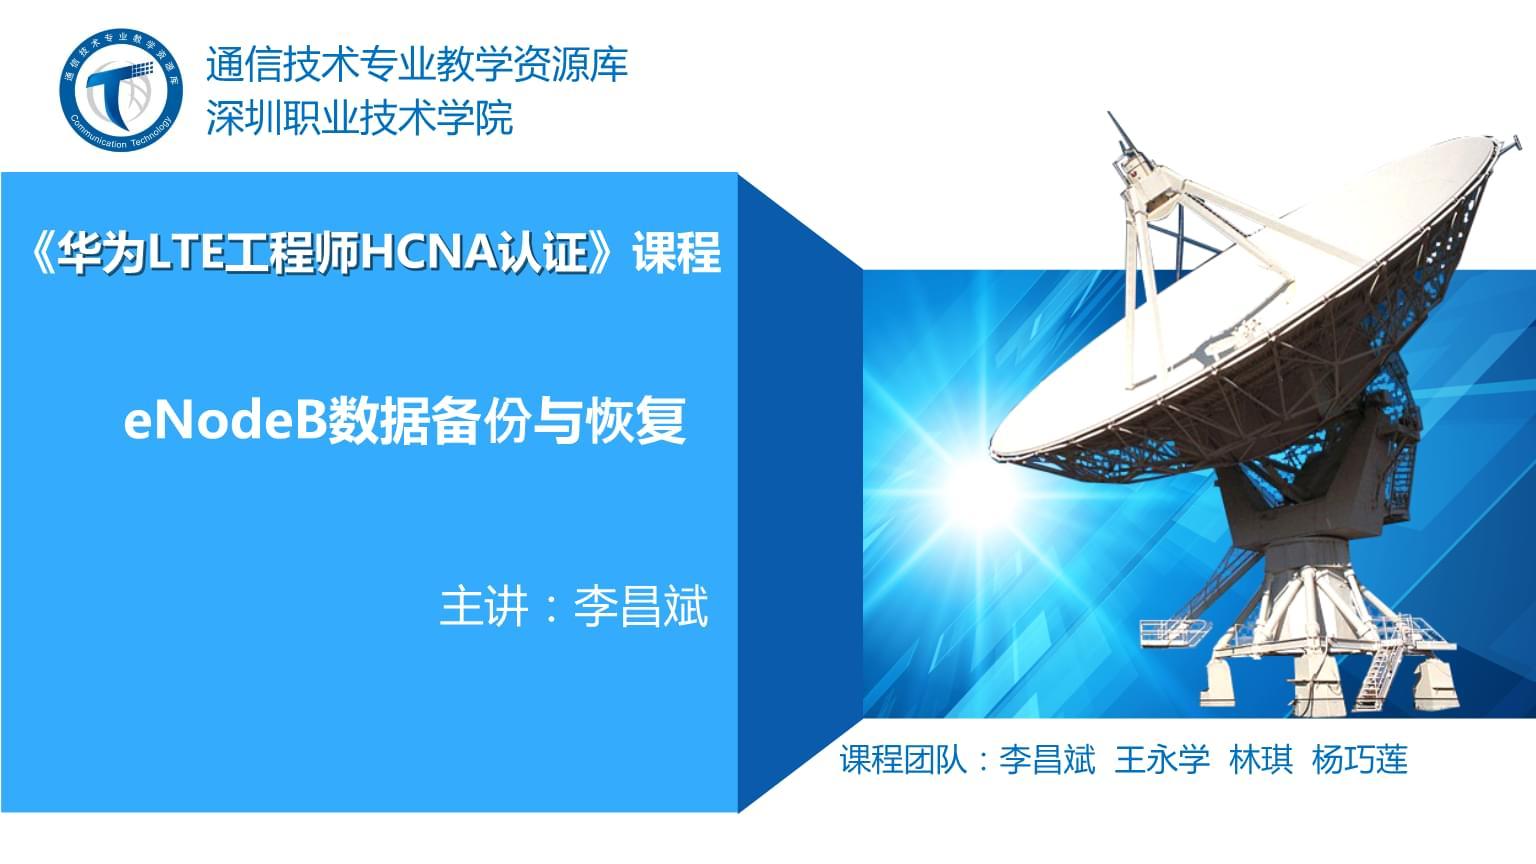 培训包9:华为LTE工程师HCNA认证 eNodeB数据备份与恢复 13 eNodeB数据备份与恢复.pptx